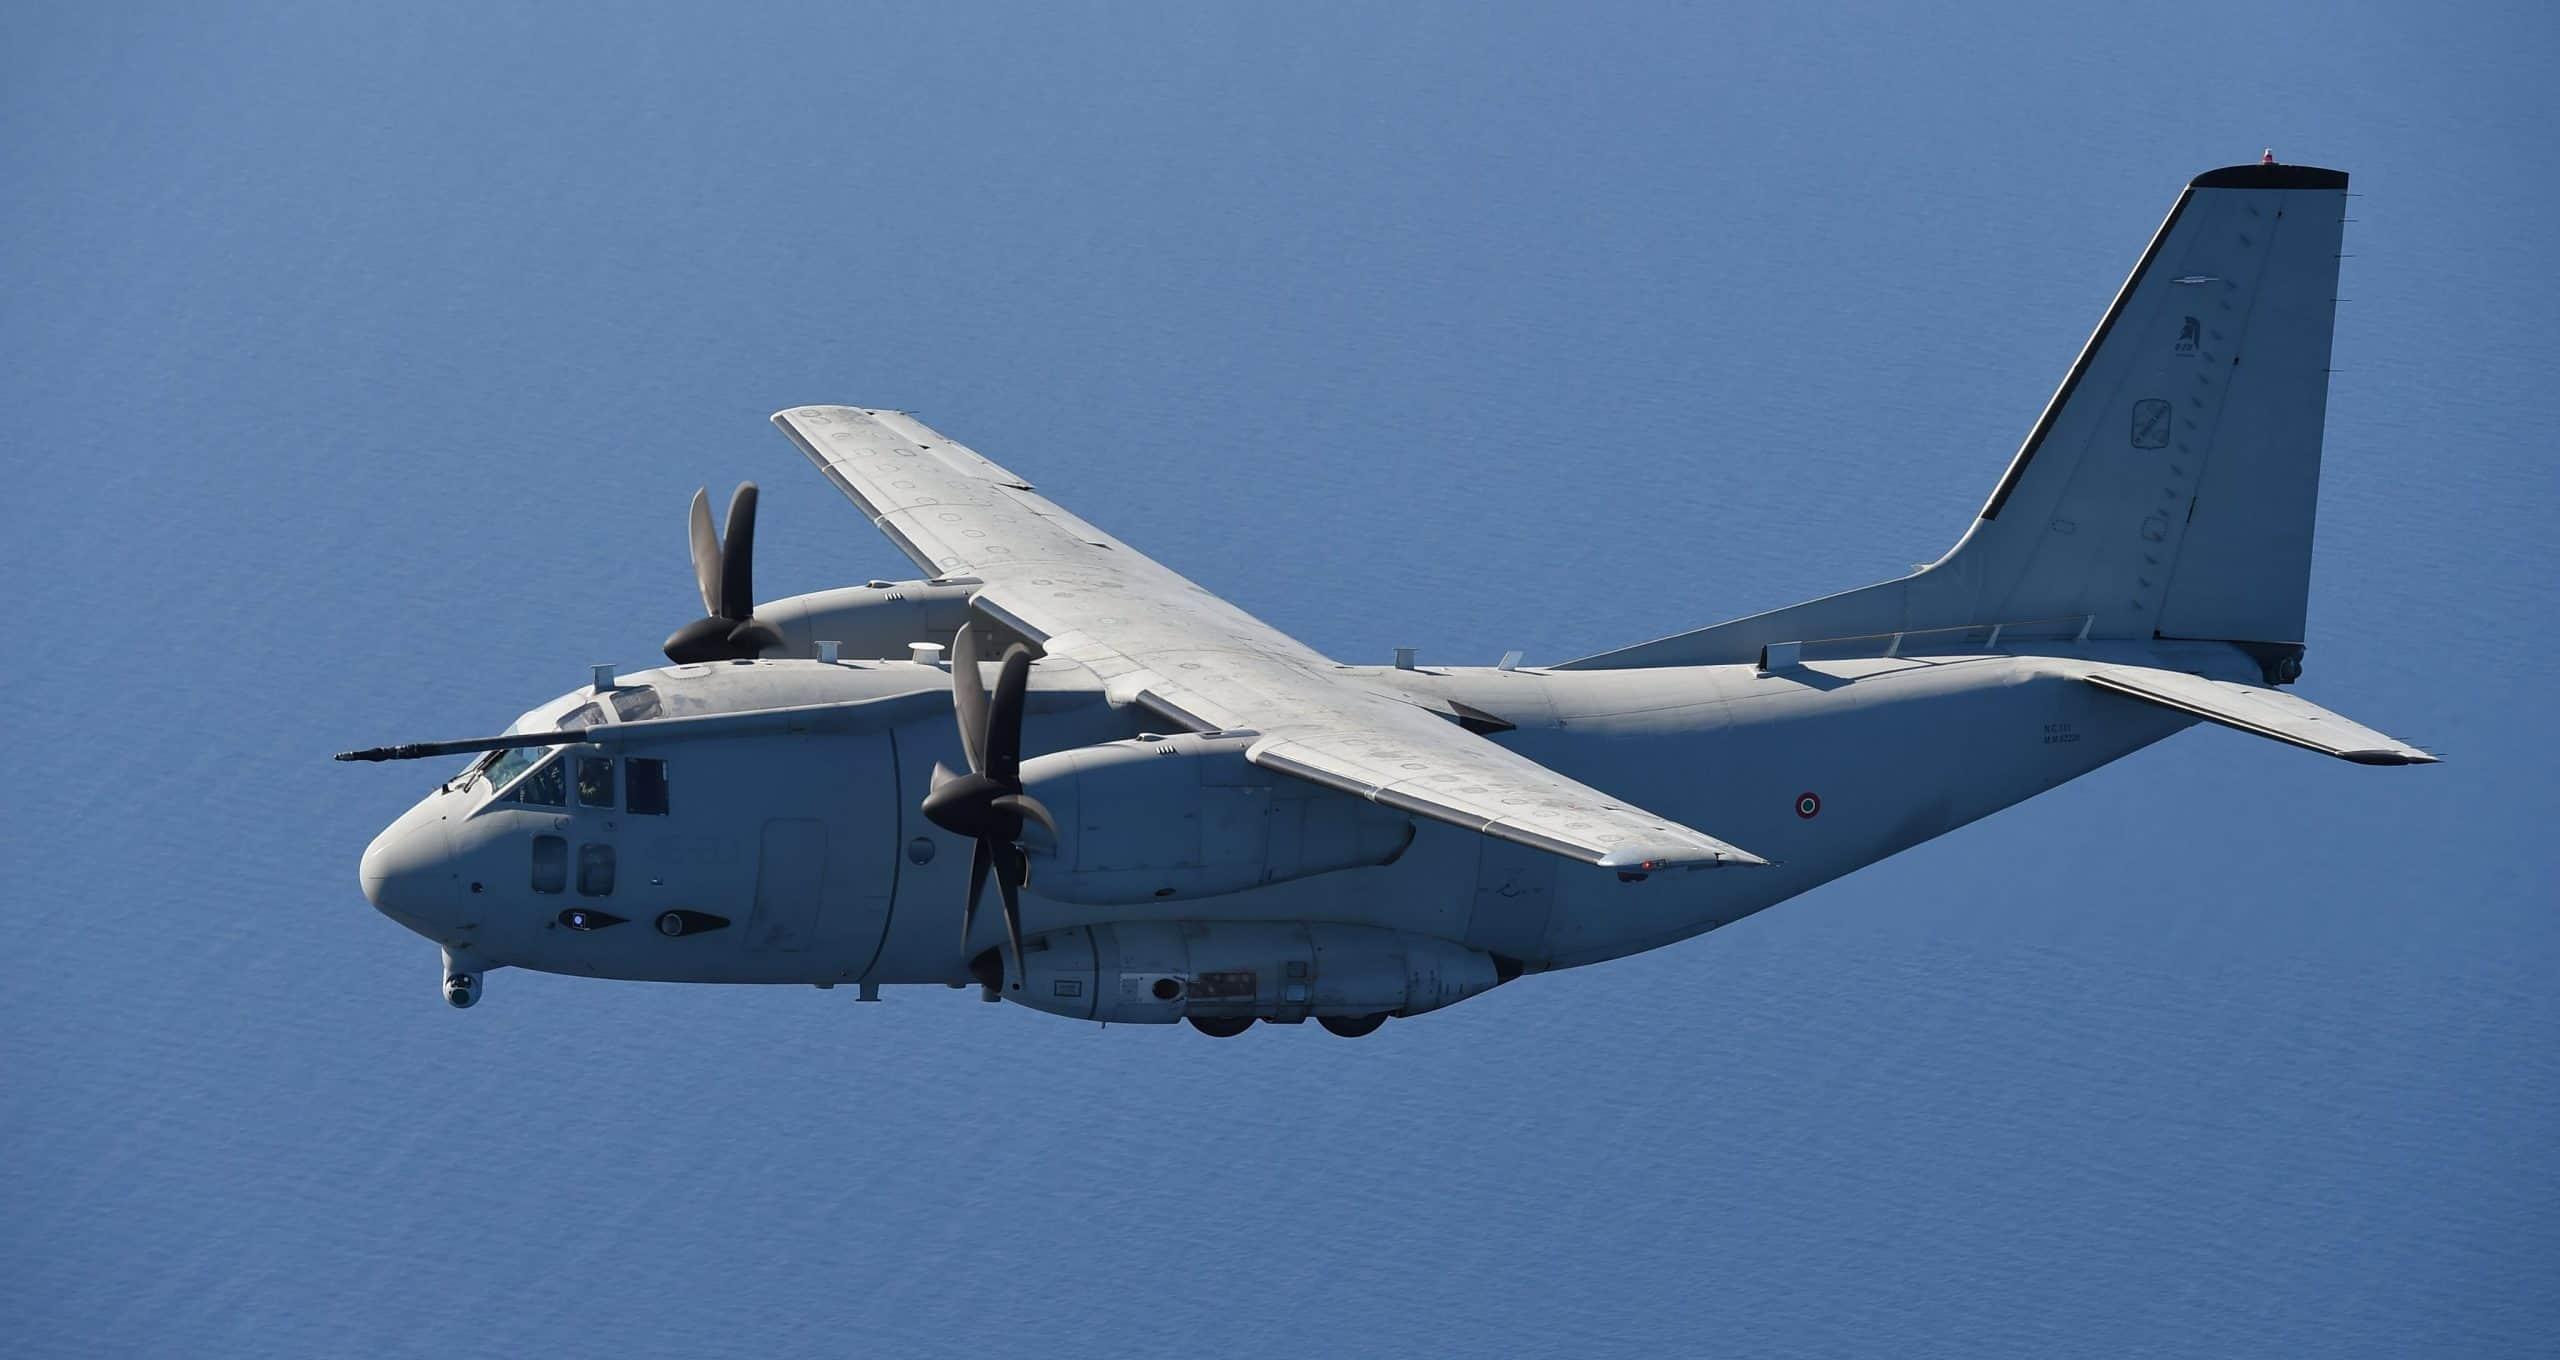 Військово-транспортний літак C-27J Spartan. Фото з відкритих джерел